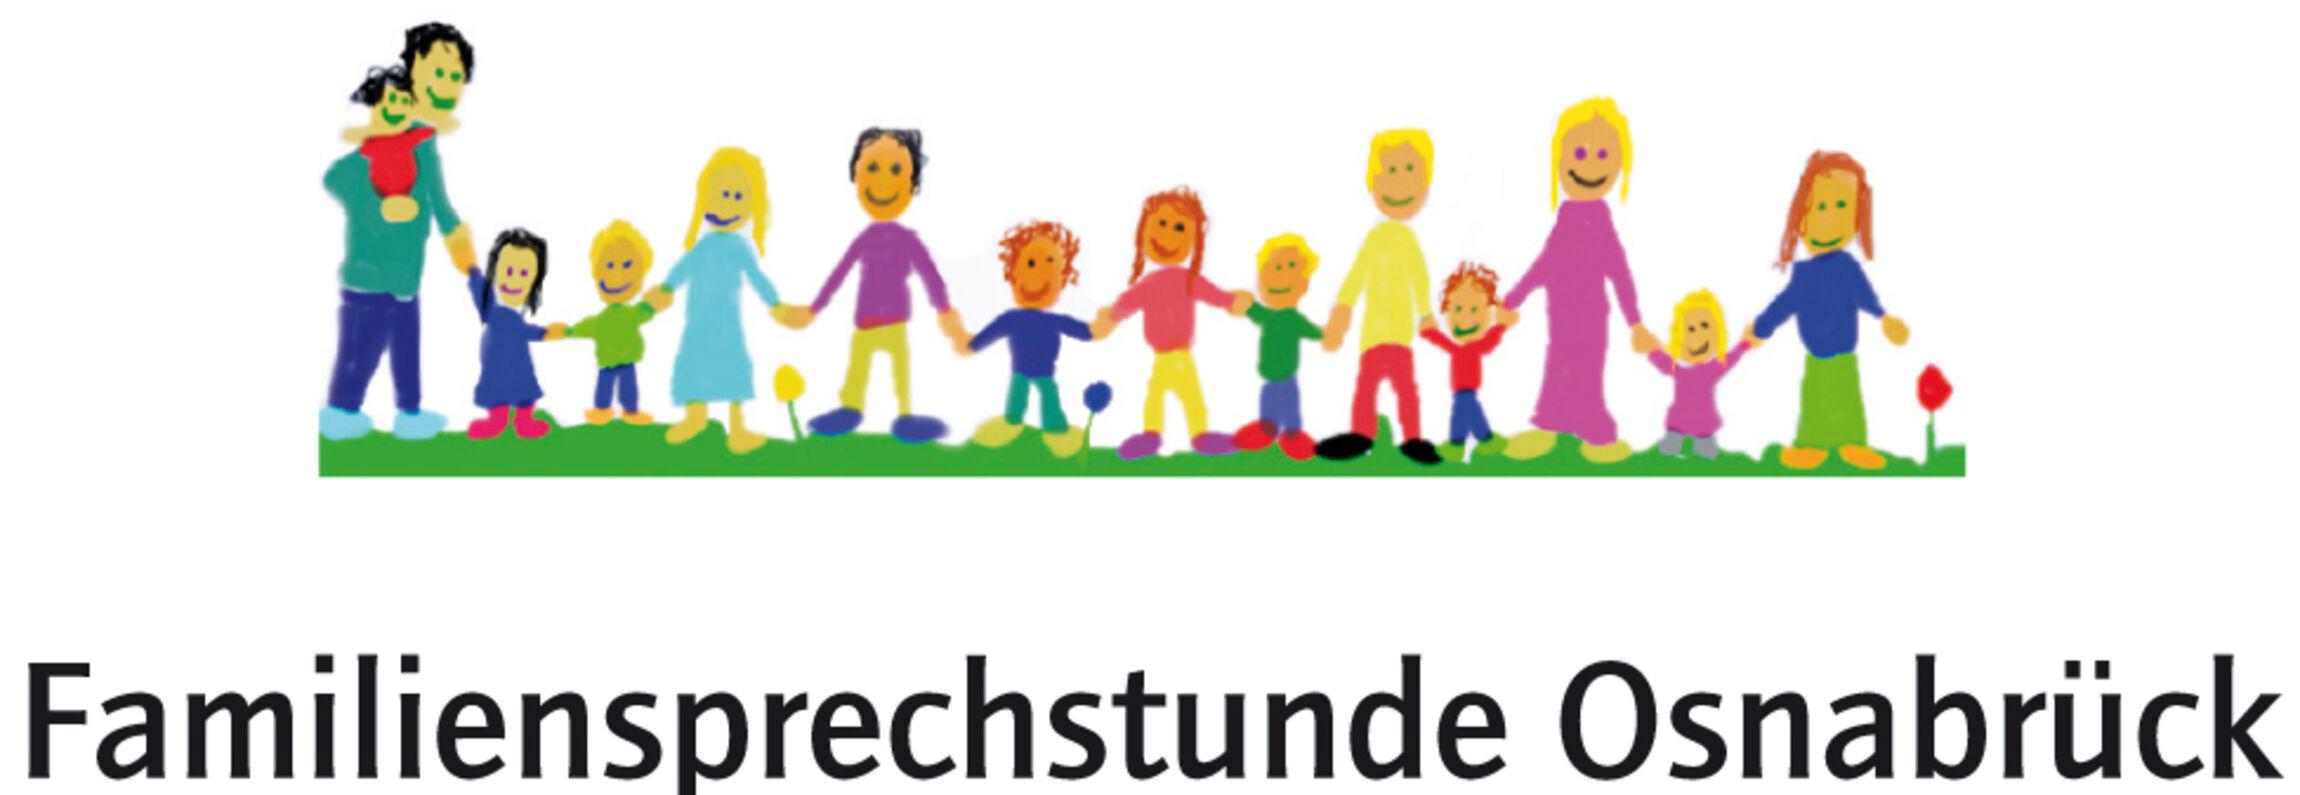 Logo Familiensprechstunde Osnabrück